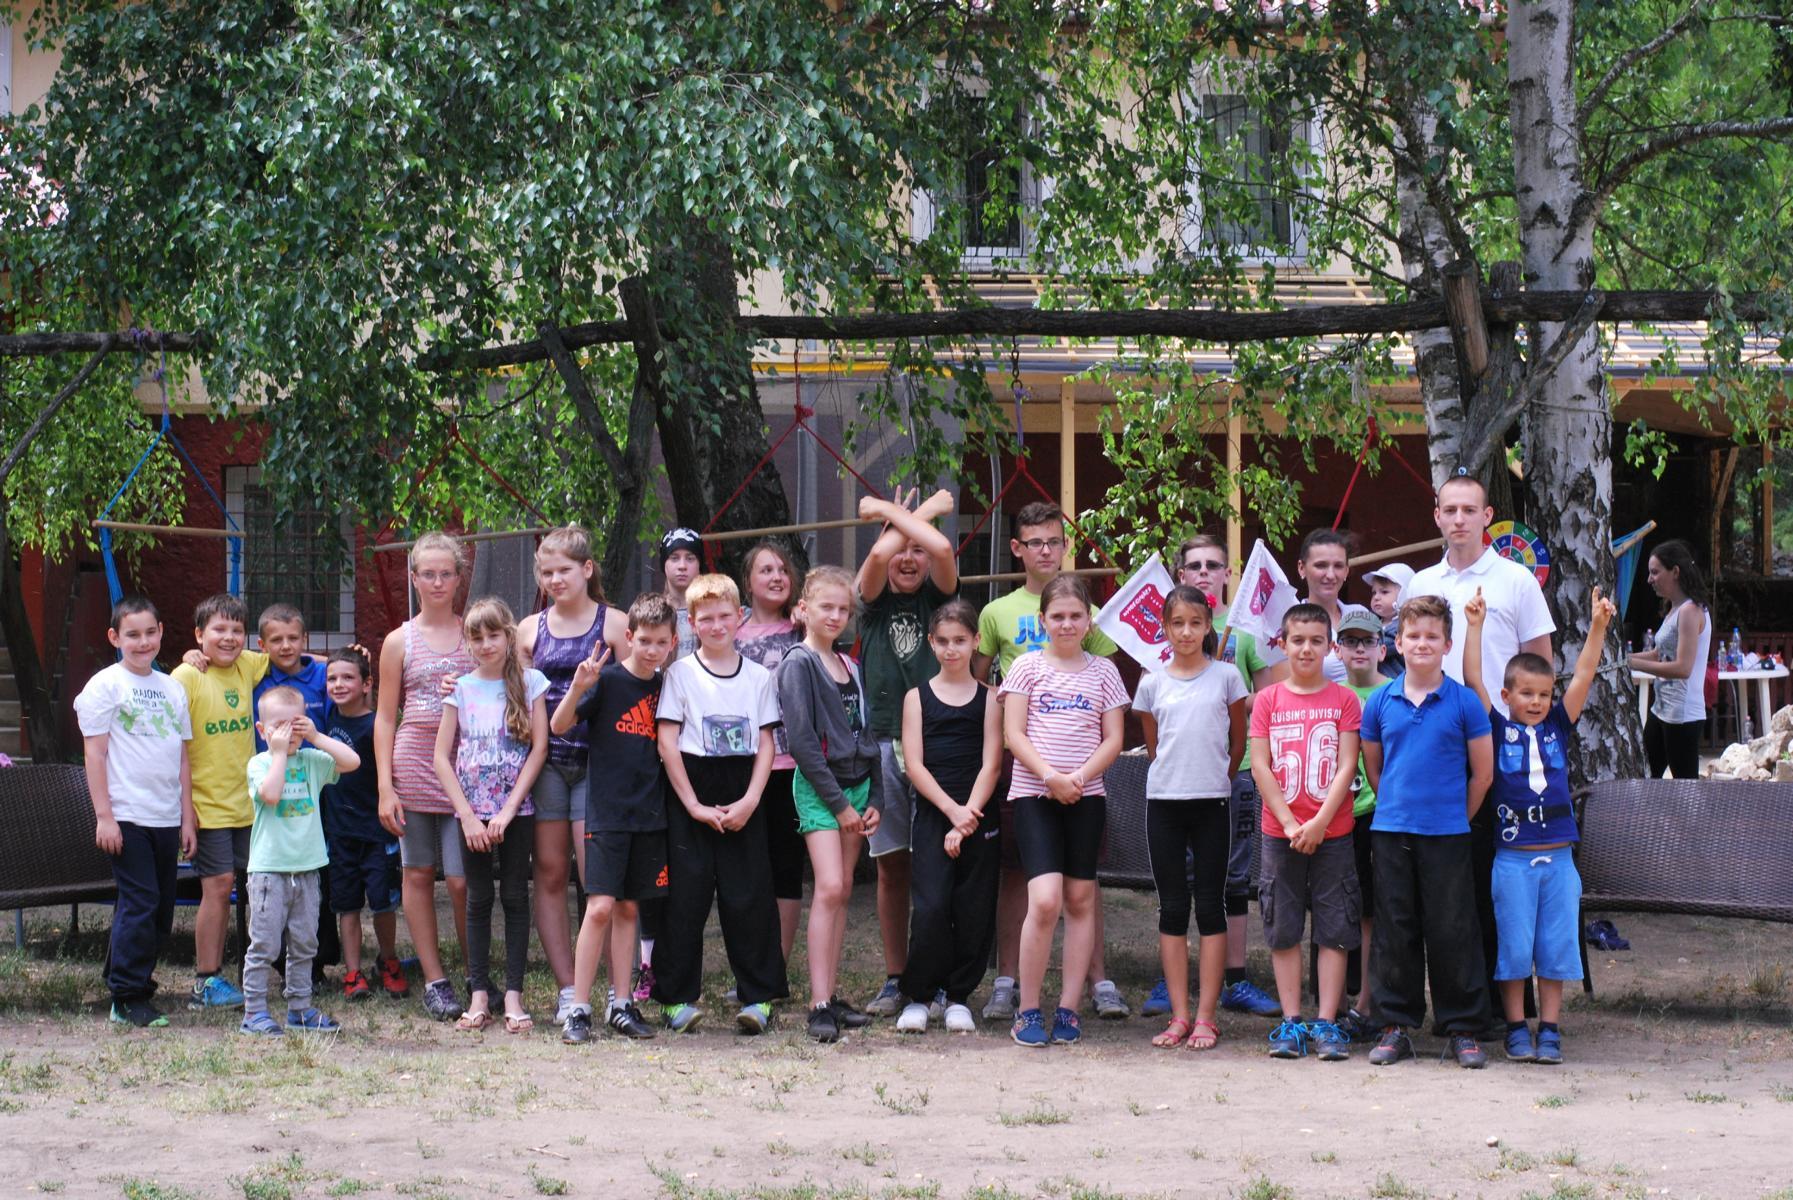 Gyerek MediBall Tábor 2016